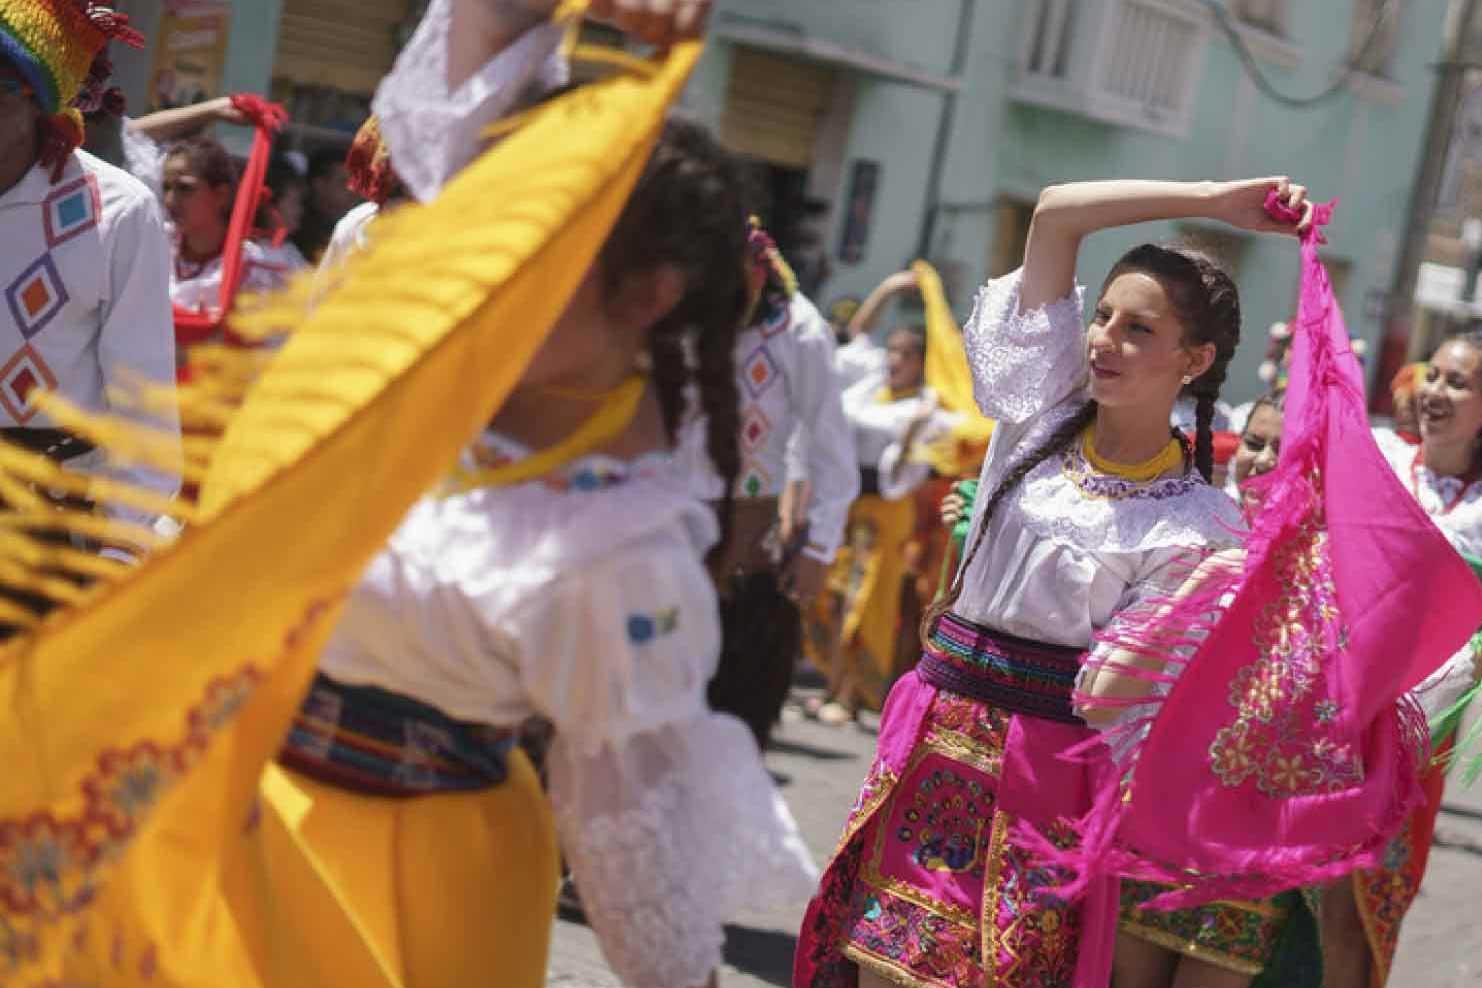 019-Ecuador-Carnival